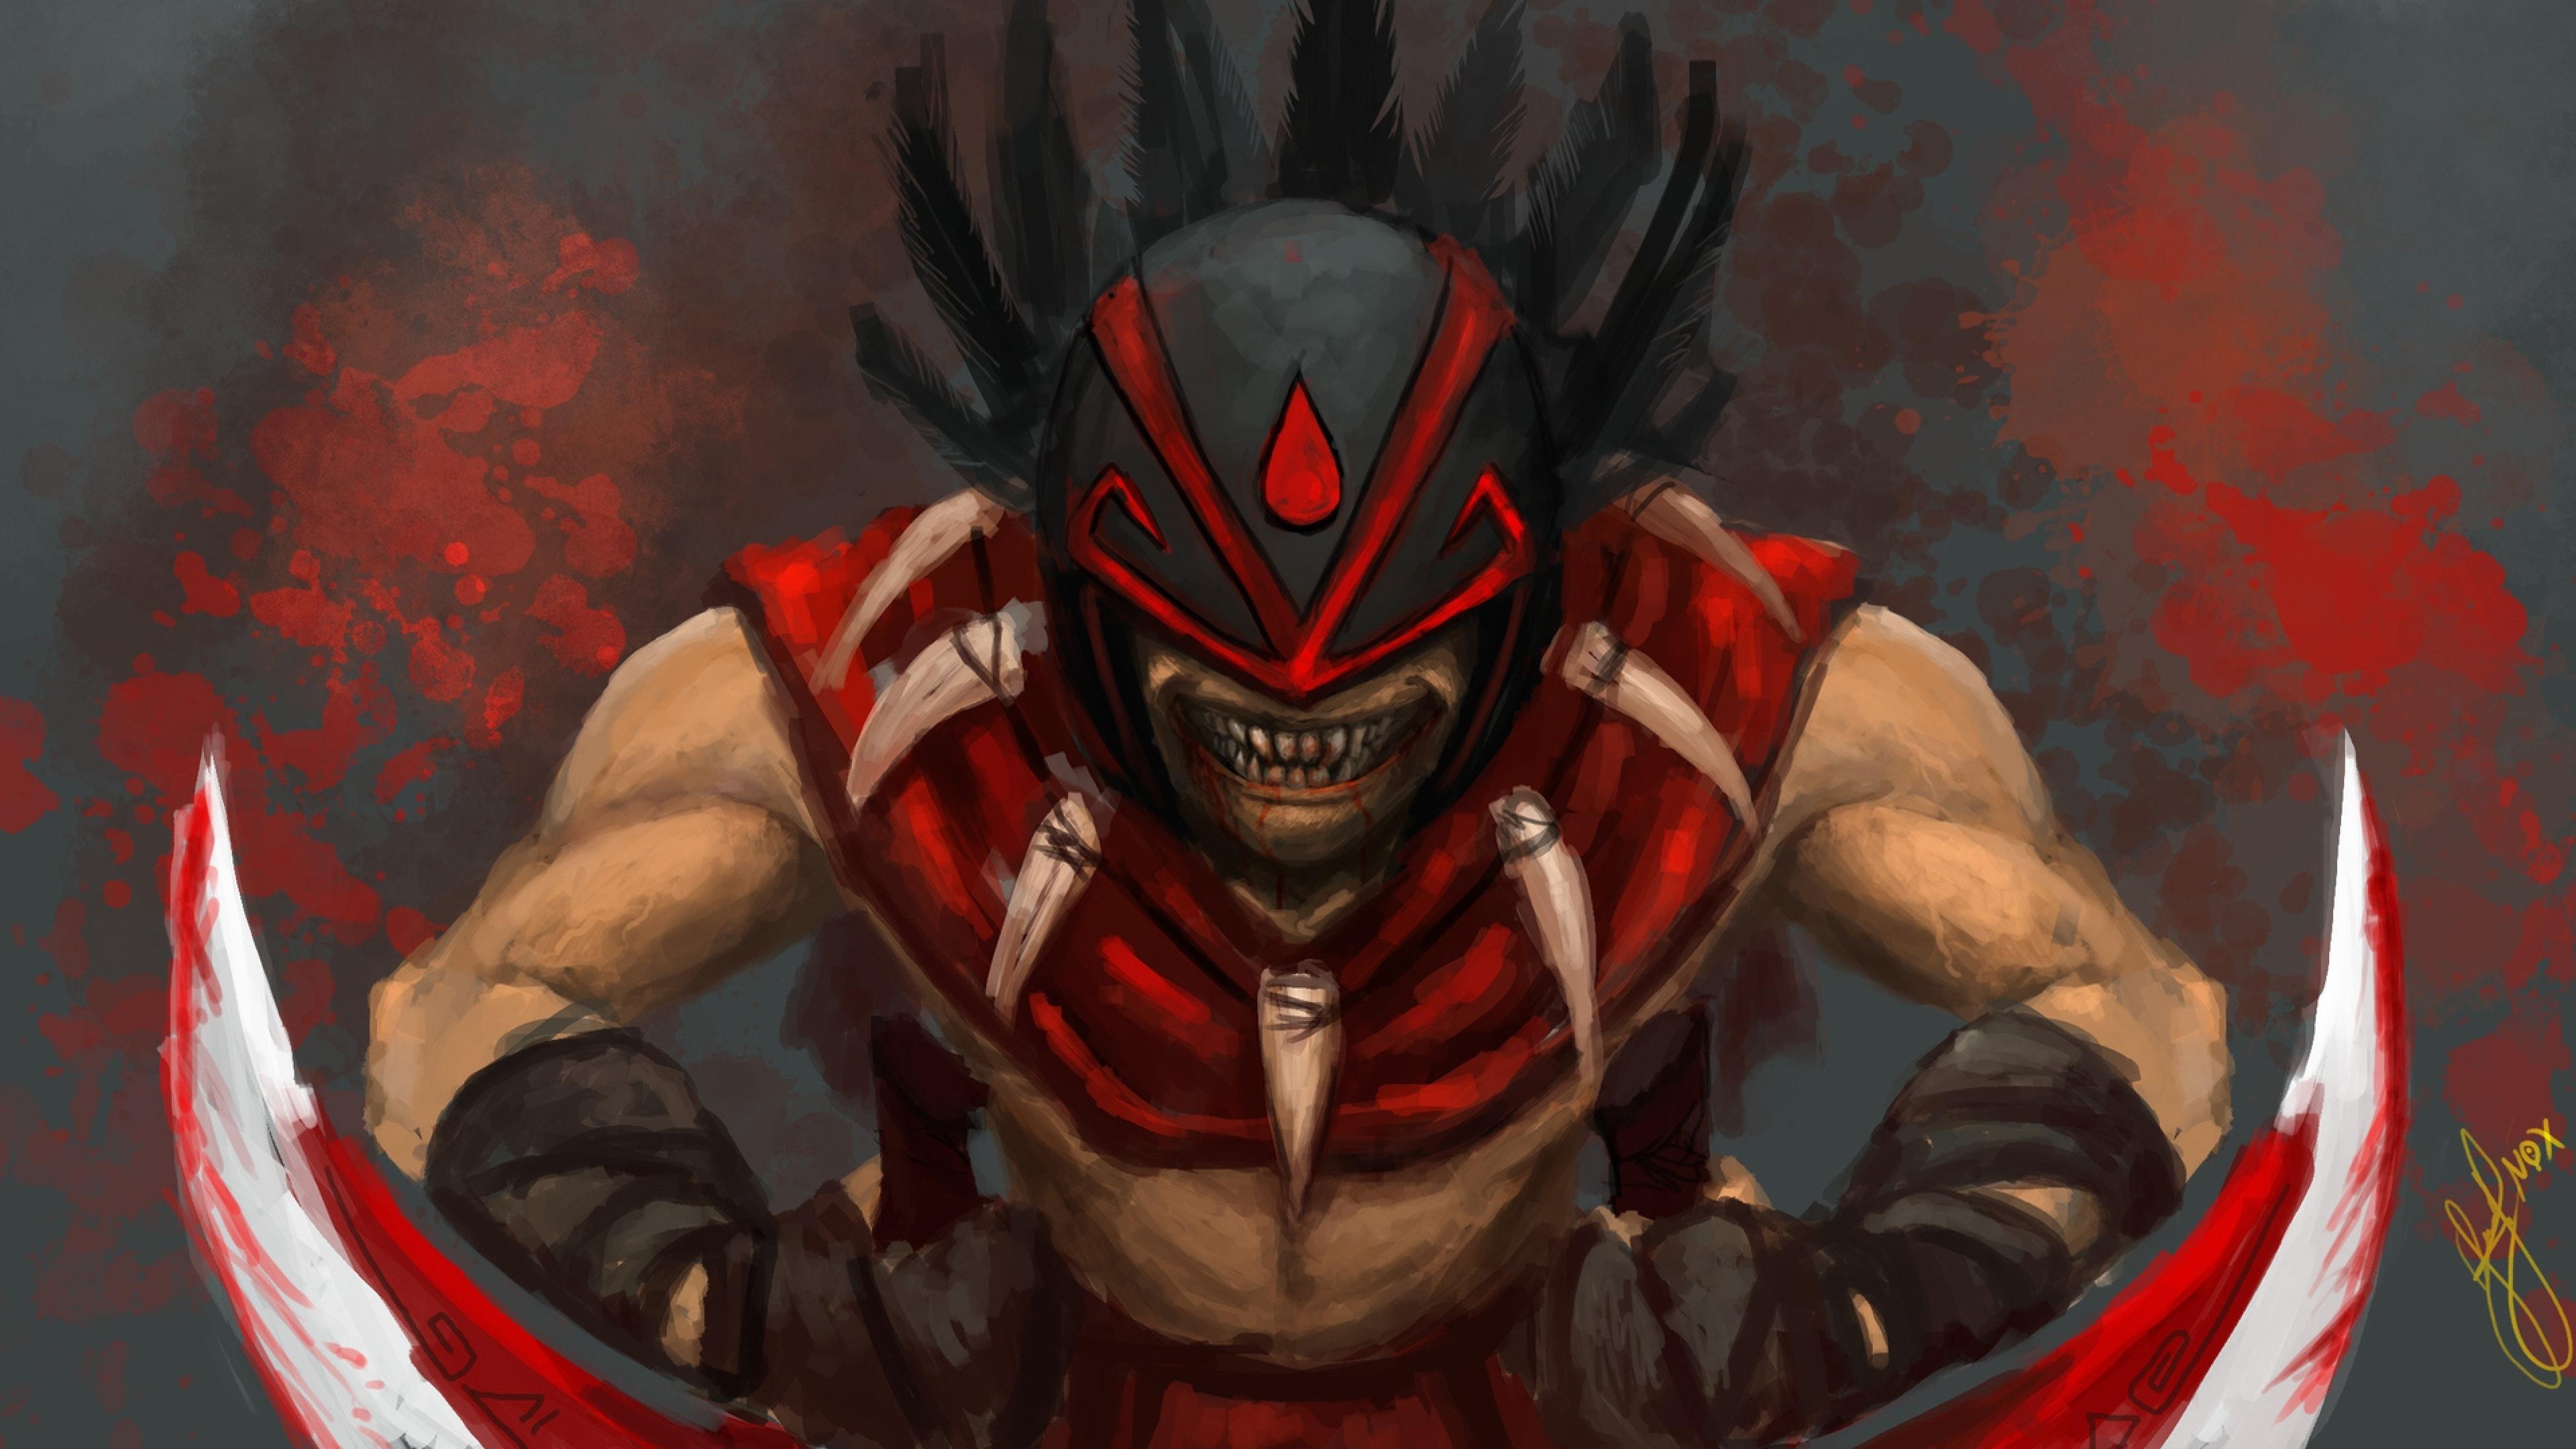 Dota2 : Bloodseeker for mobile